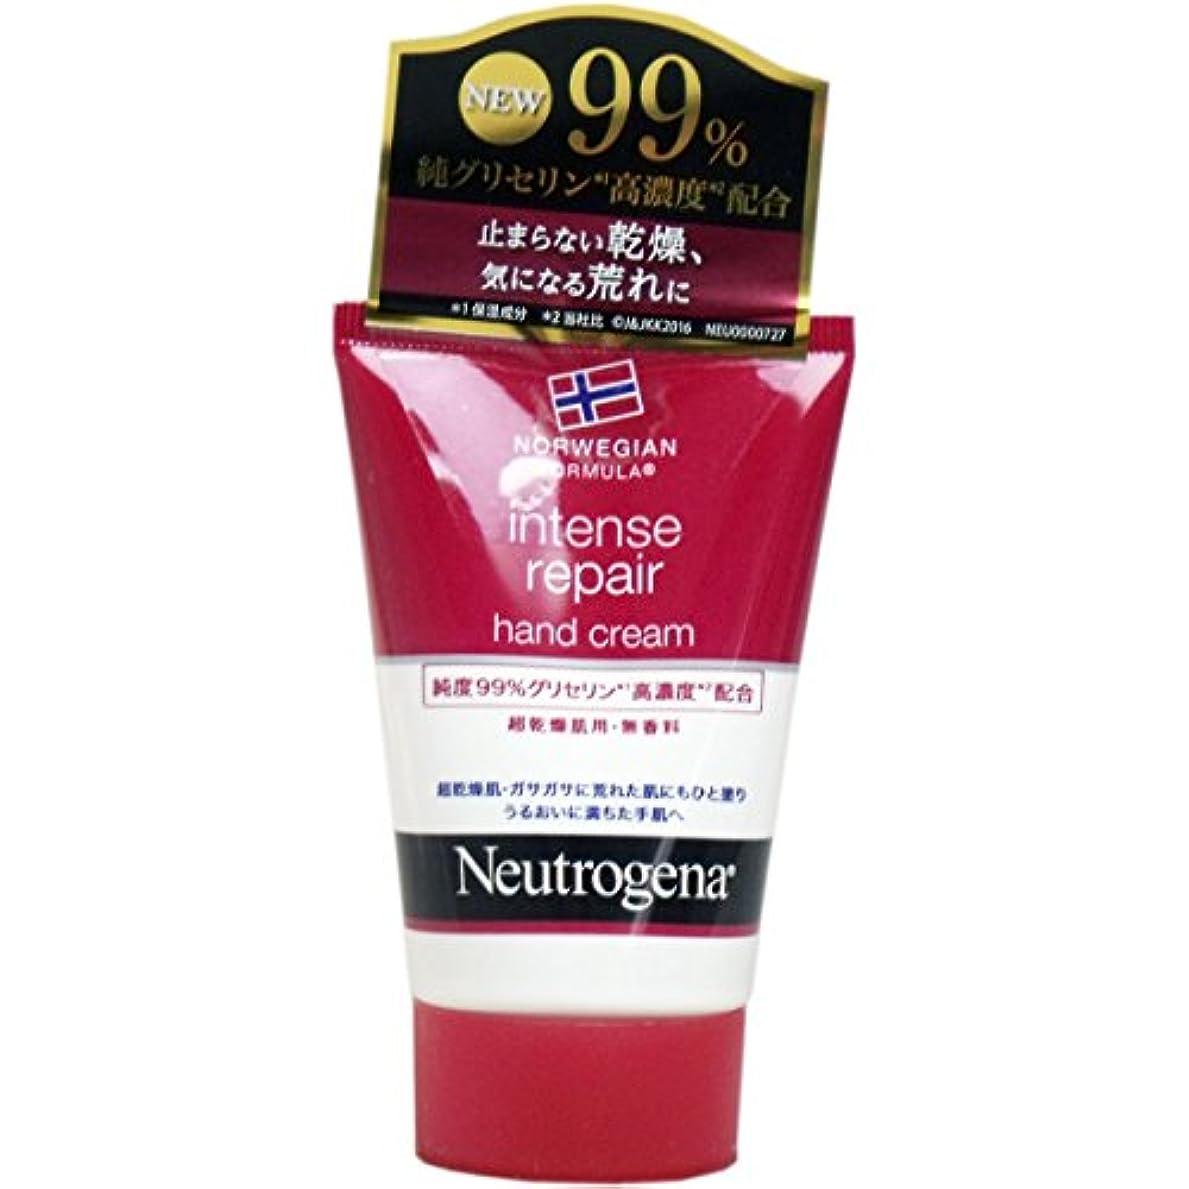 それ反論層【セット品】Neutrogena(ニュートロジーナ) ノルウェーフォーミュラ インテンスリペア ハンドクリーム 超乾燥肌用 無香料 50g×6個